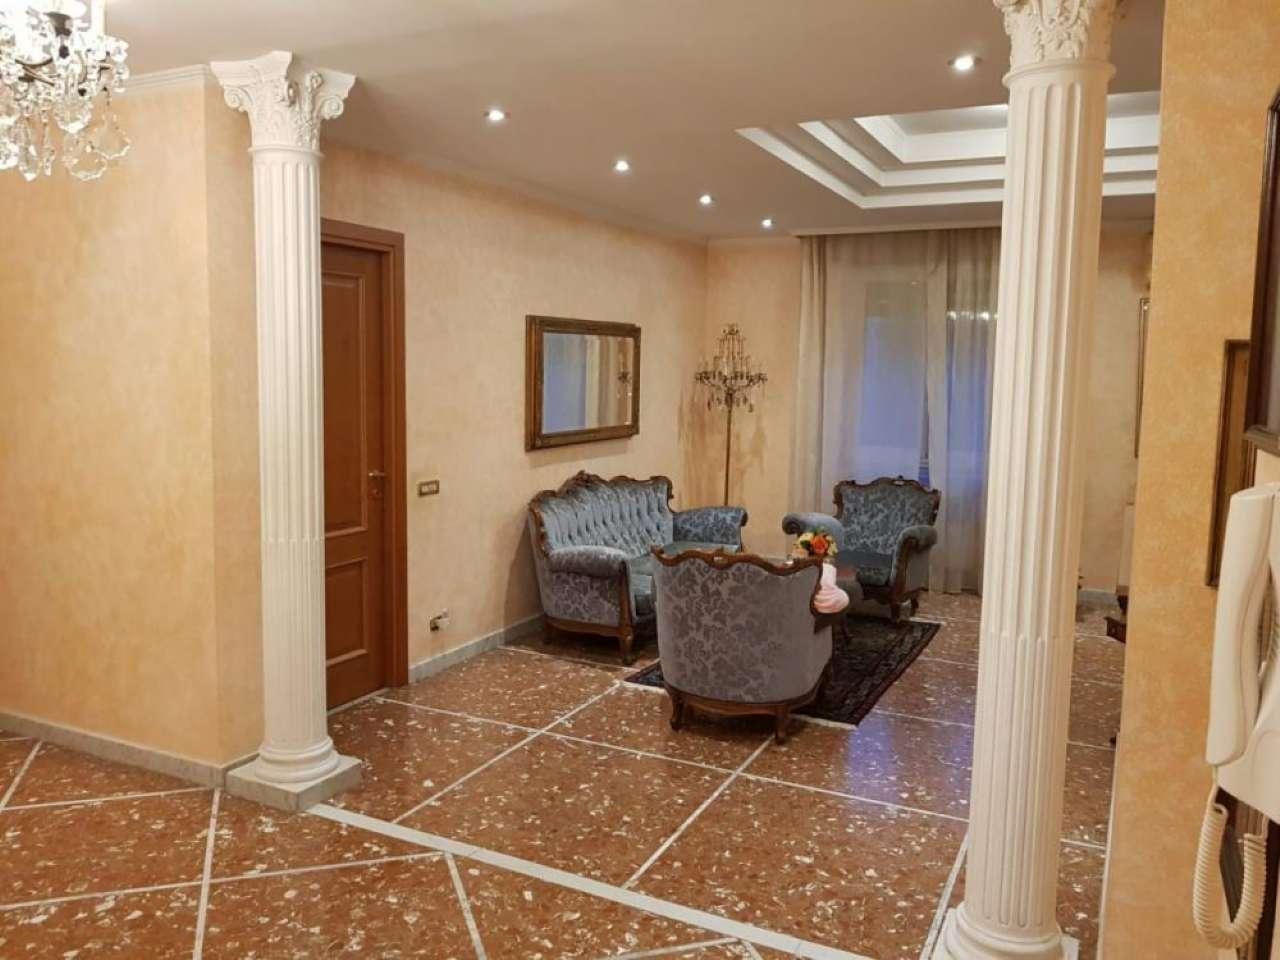 Appartamento in vendita a Roma, 6 locali, zona Zona: 5 . Montesacro - Talenti, prezzo € 580.000   CambioCasa.it